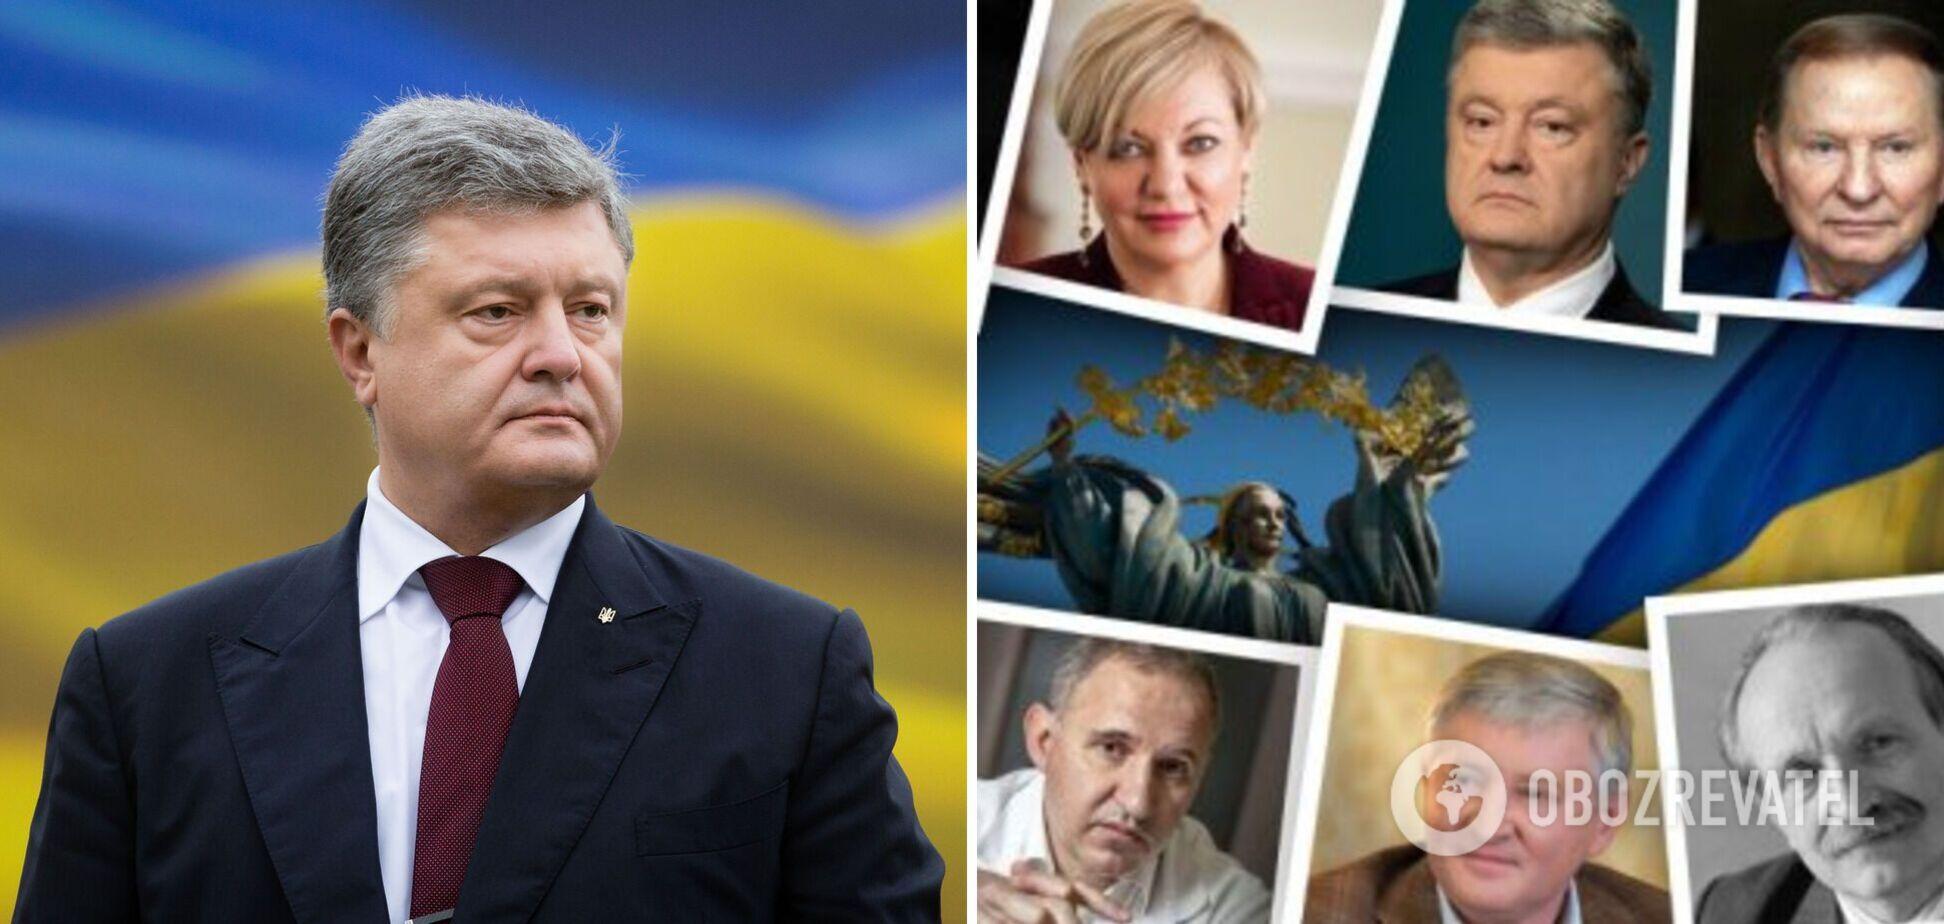 Порошенко посів перше місце в Народному рейтингу '100 сучасників, які змінили Україну'